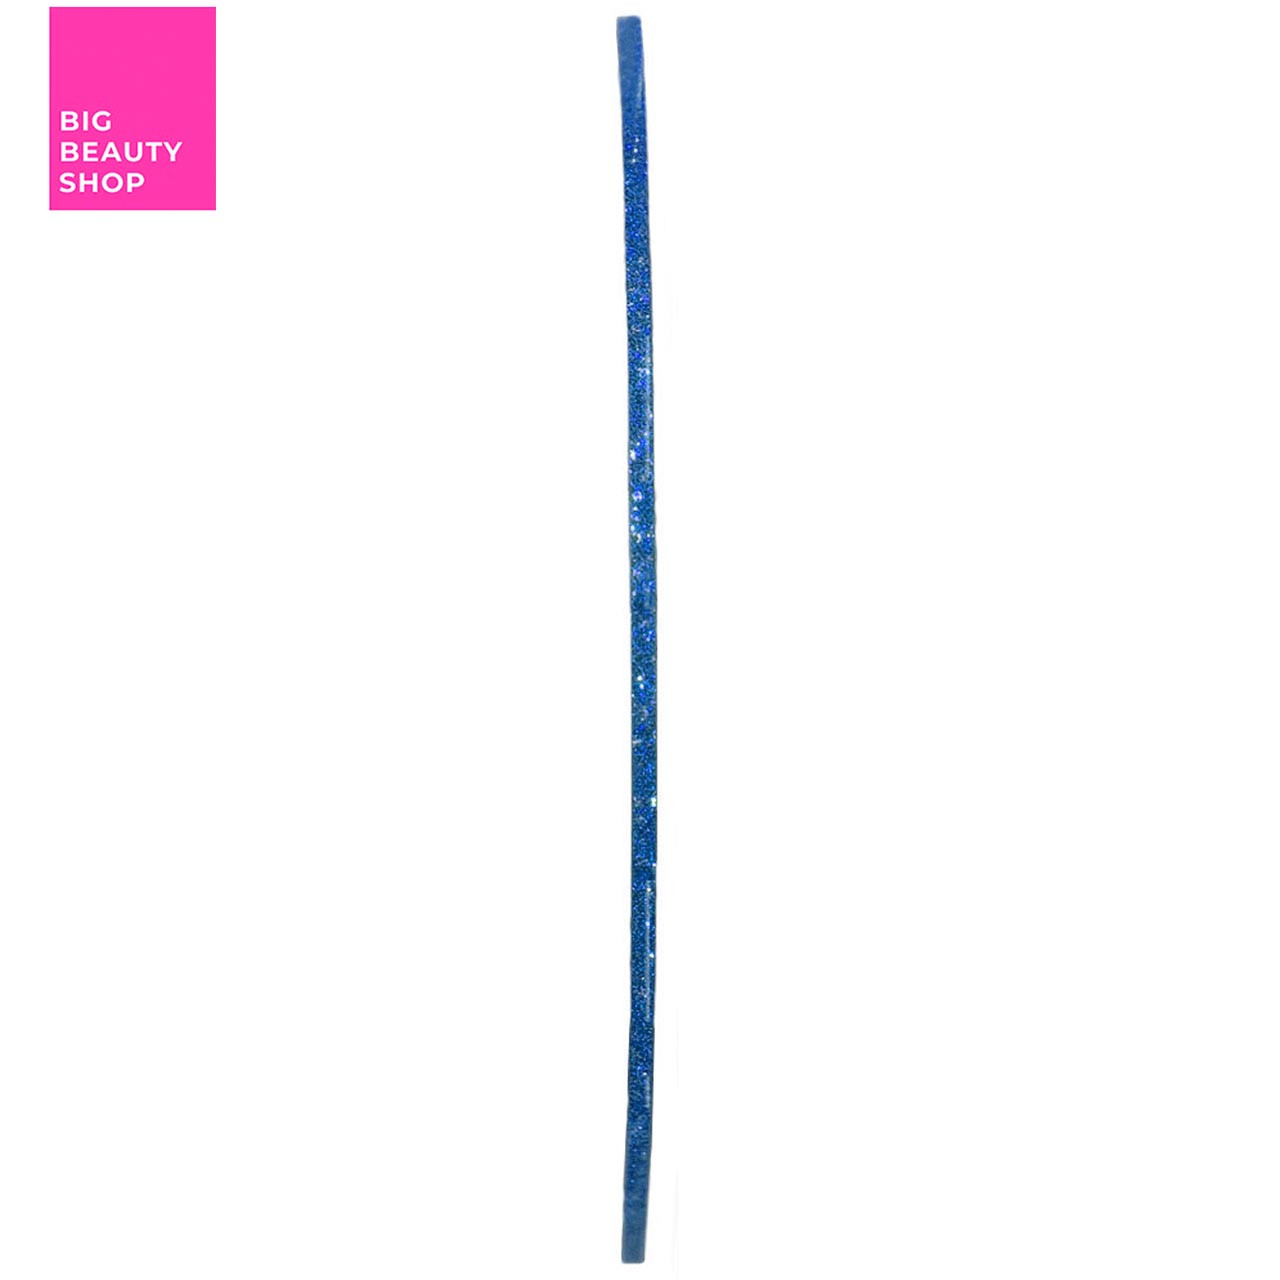 Голографическая полоска для ногтей ANVI 1 мм (синяя с блестками)